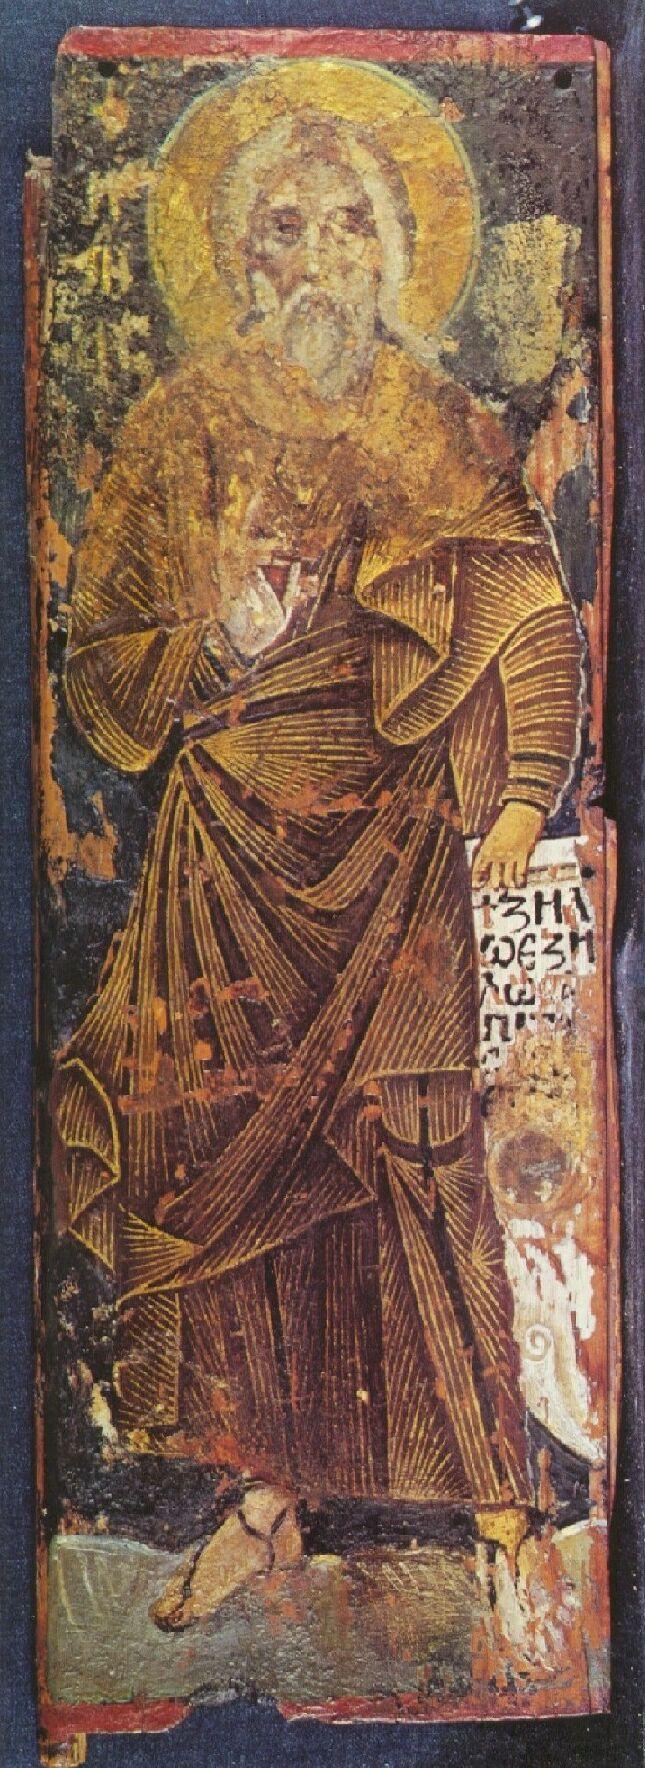 Пророк Илия. Икона. VII в. Монастырь великомученицы Екатерины на Синае